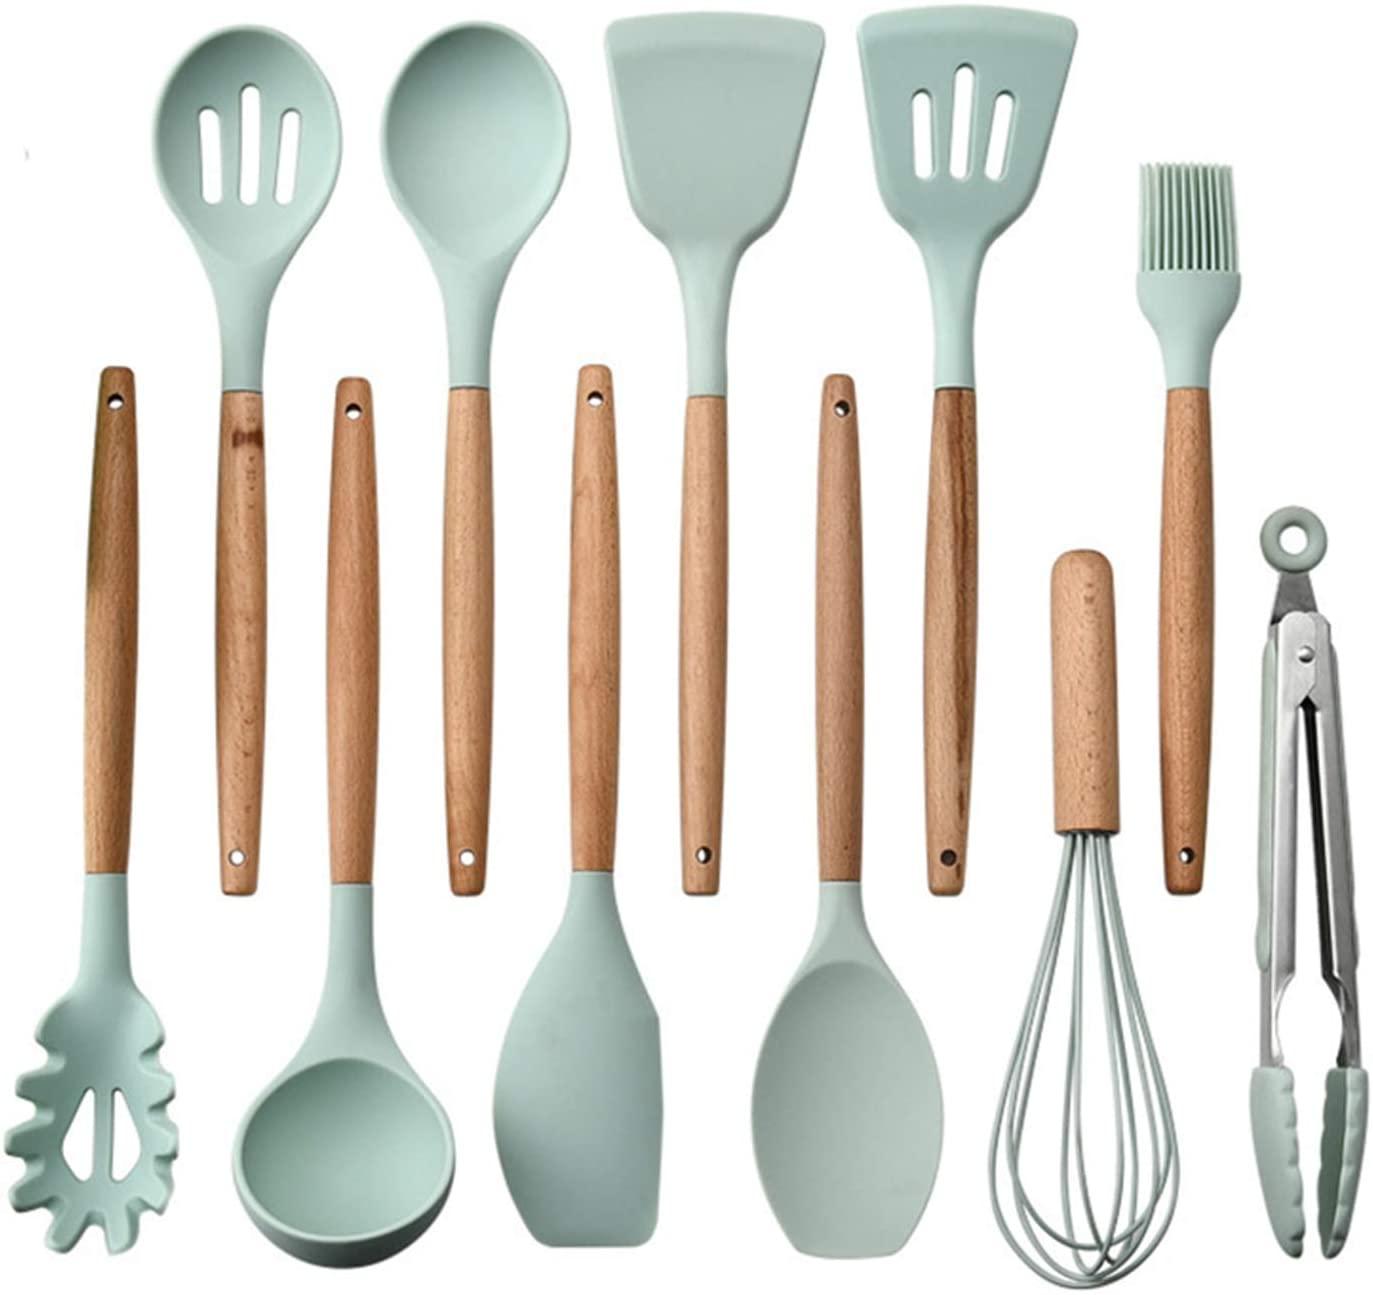 Kit 11 peças de Utensílios de Cozinha